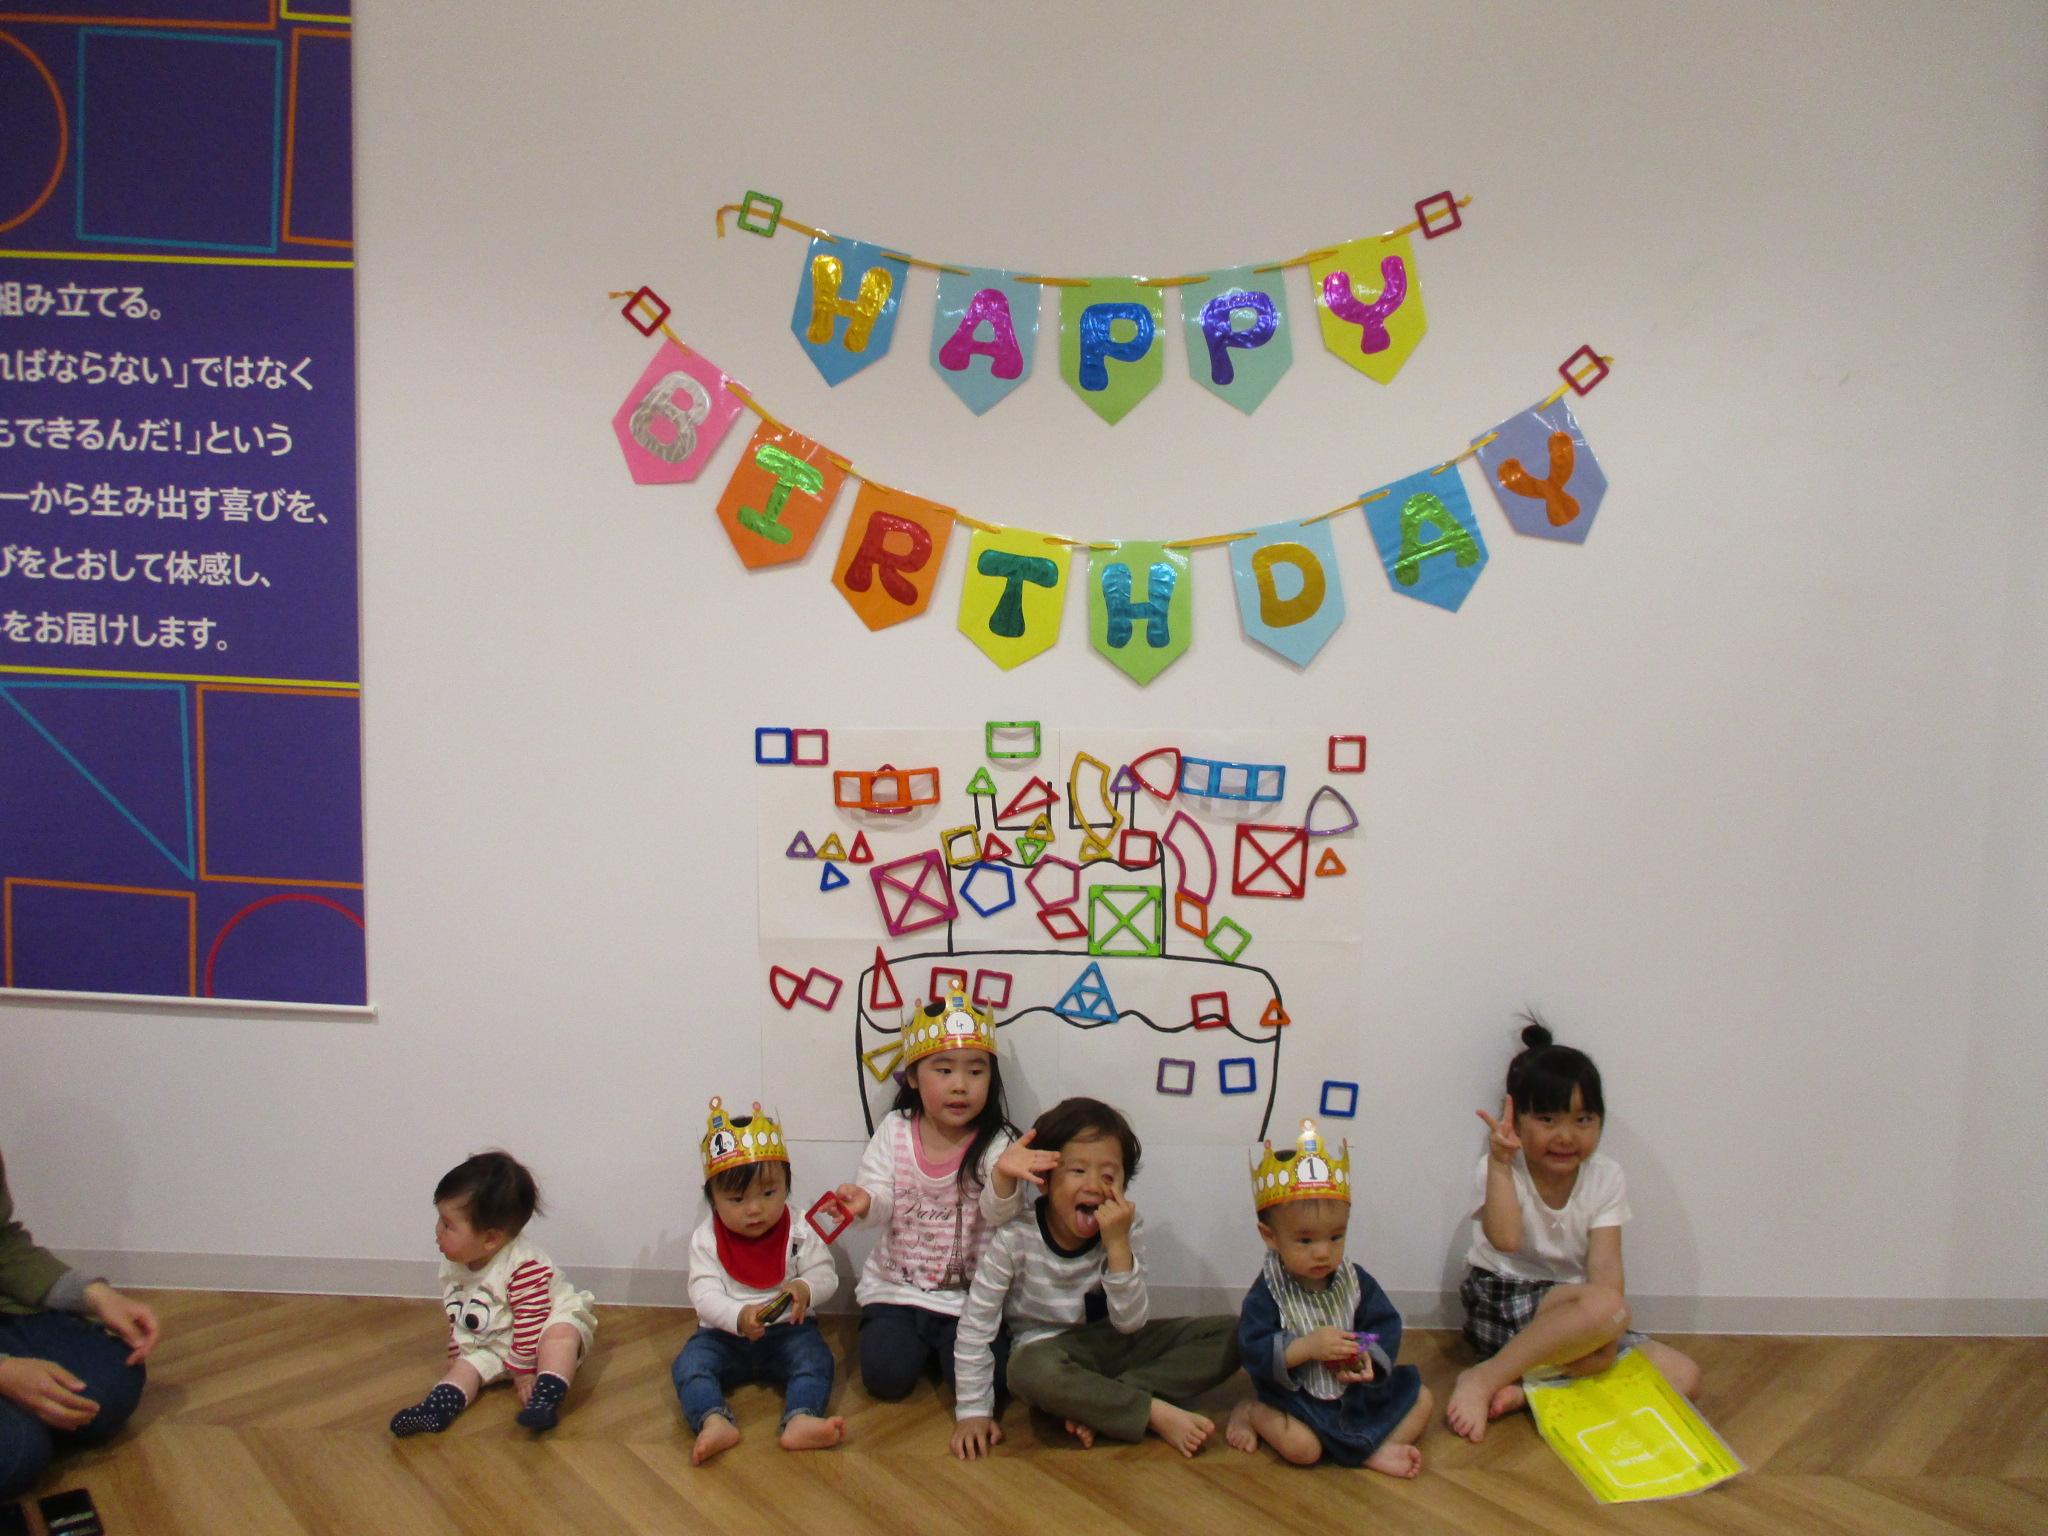 8月生まれの子集まれ!「キドキドお誕生日会♪」